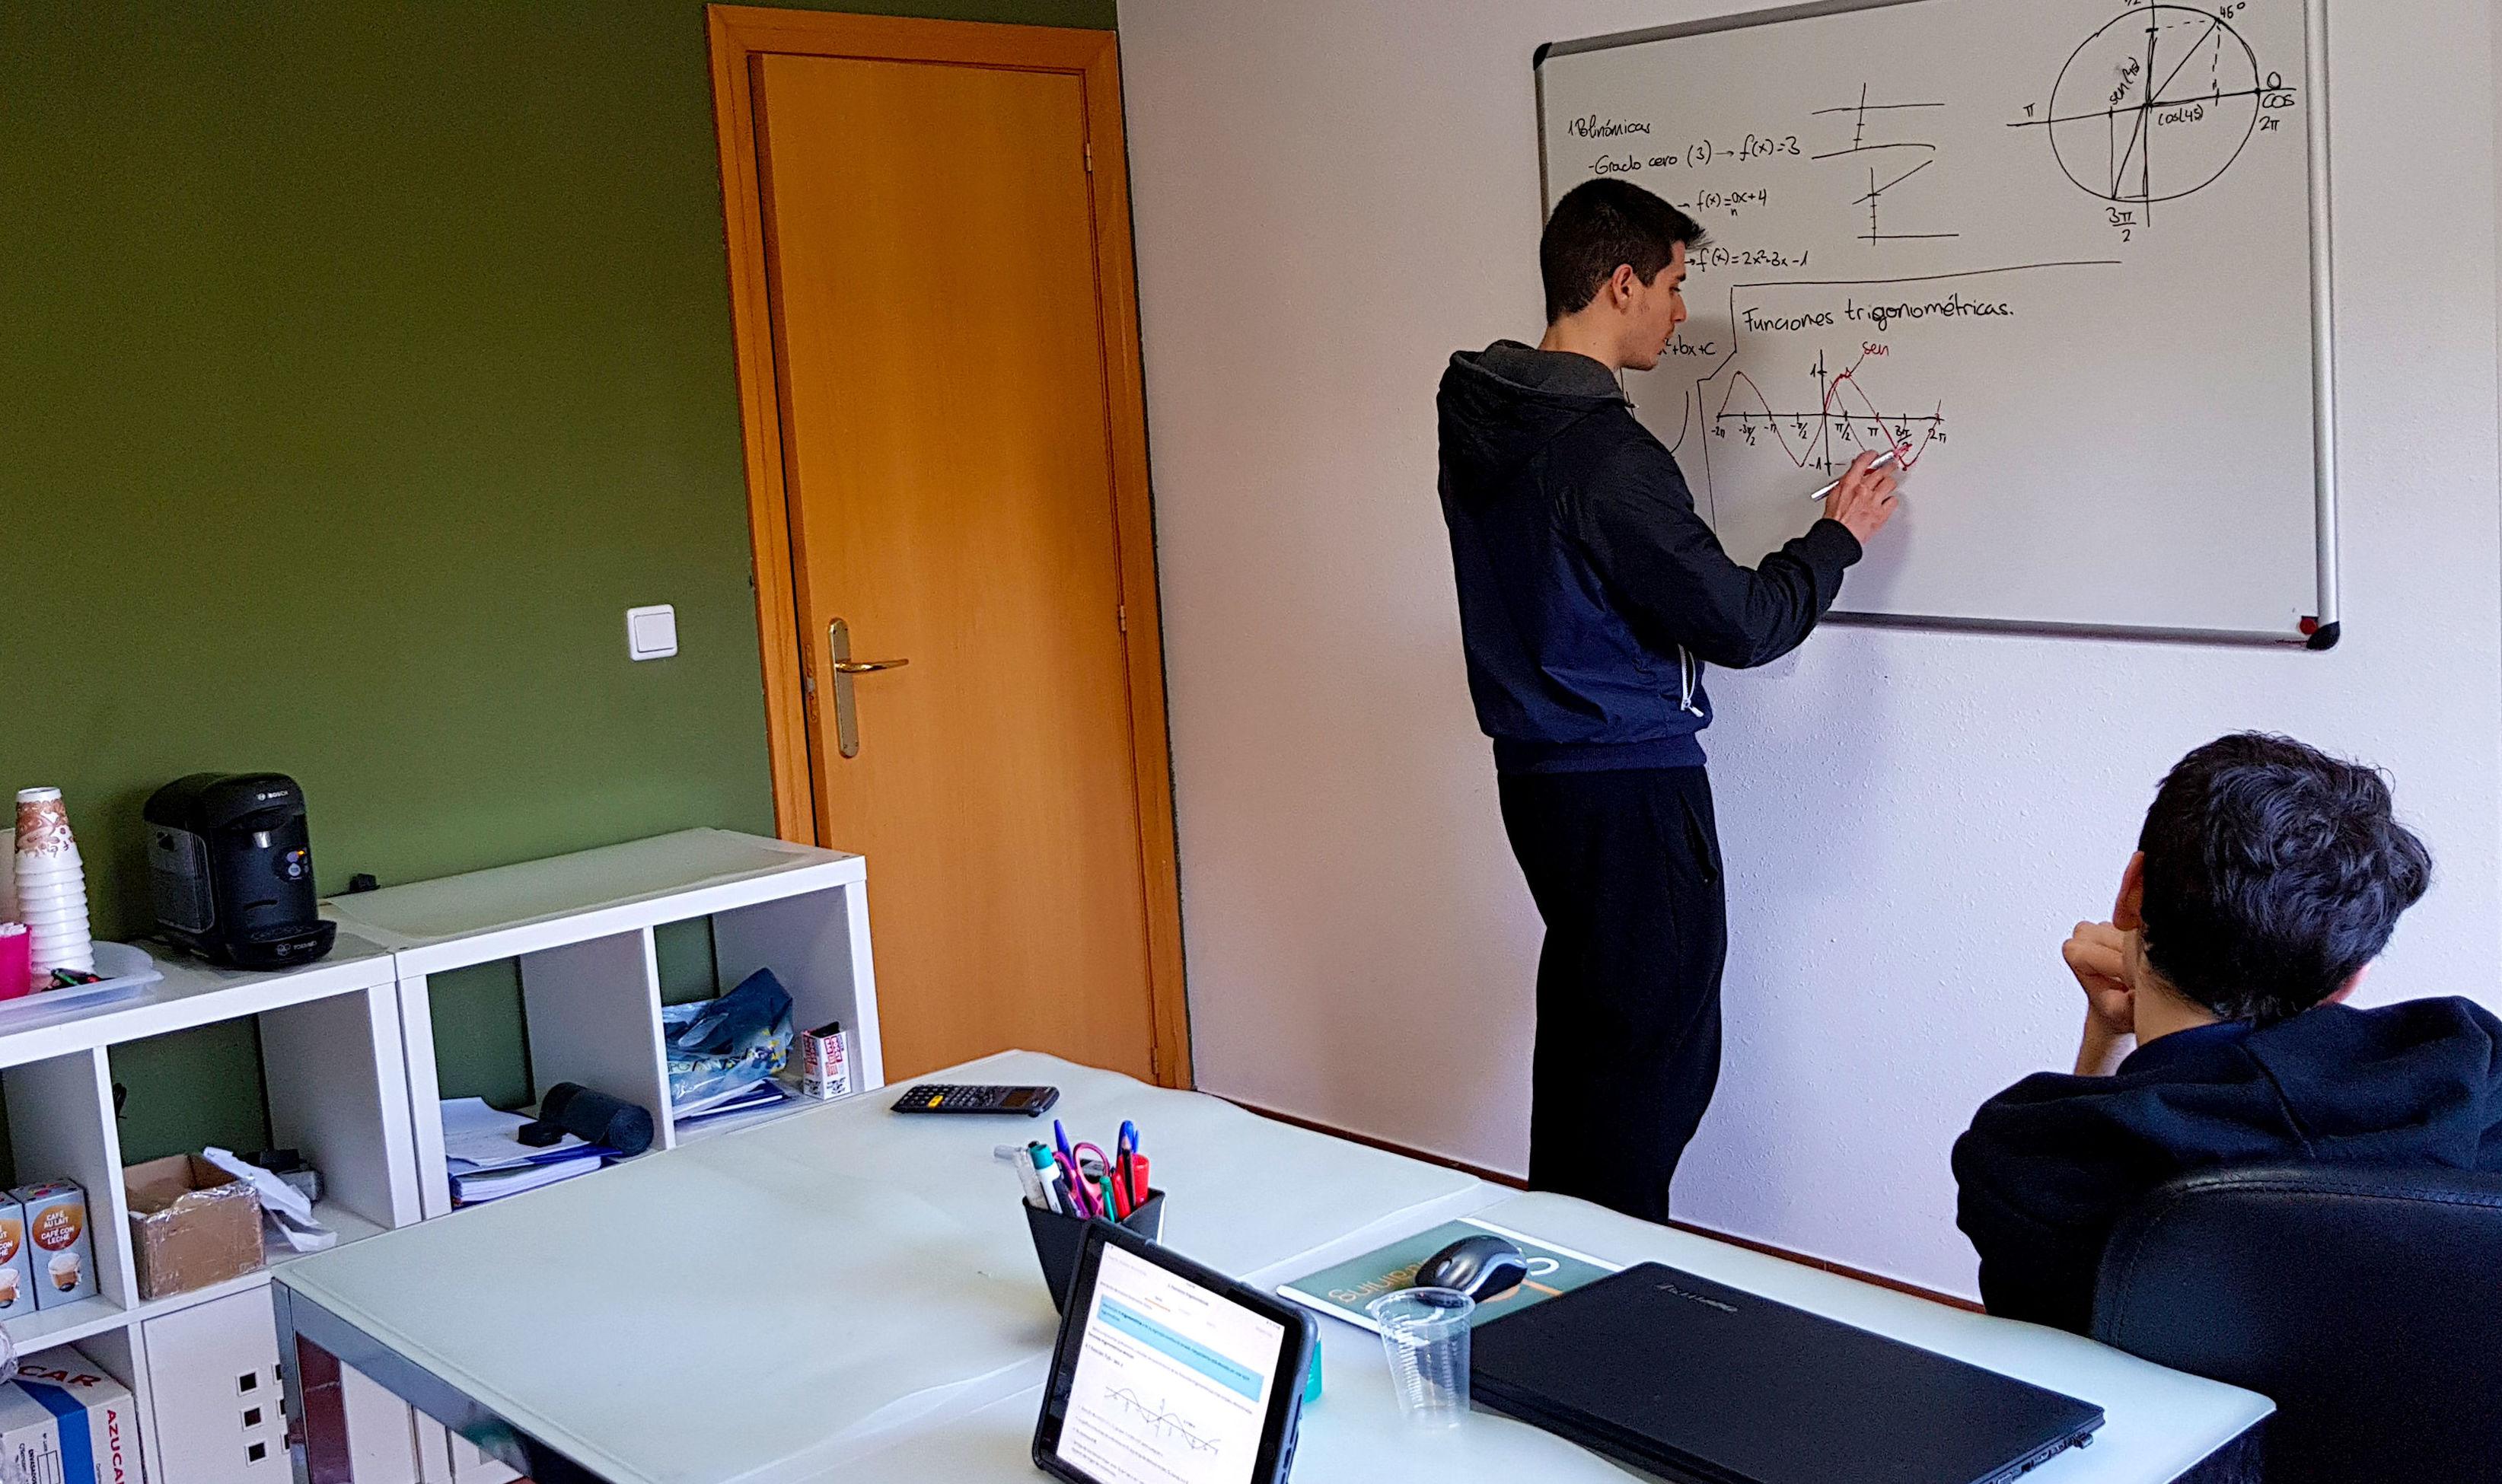 Foto 3 de Academia de idiomas en La Coruña | SBC Global Training